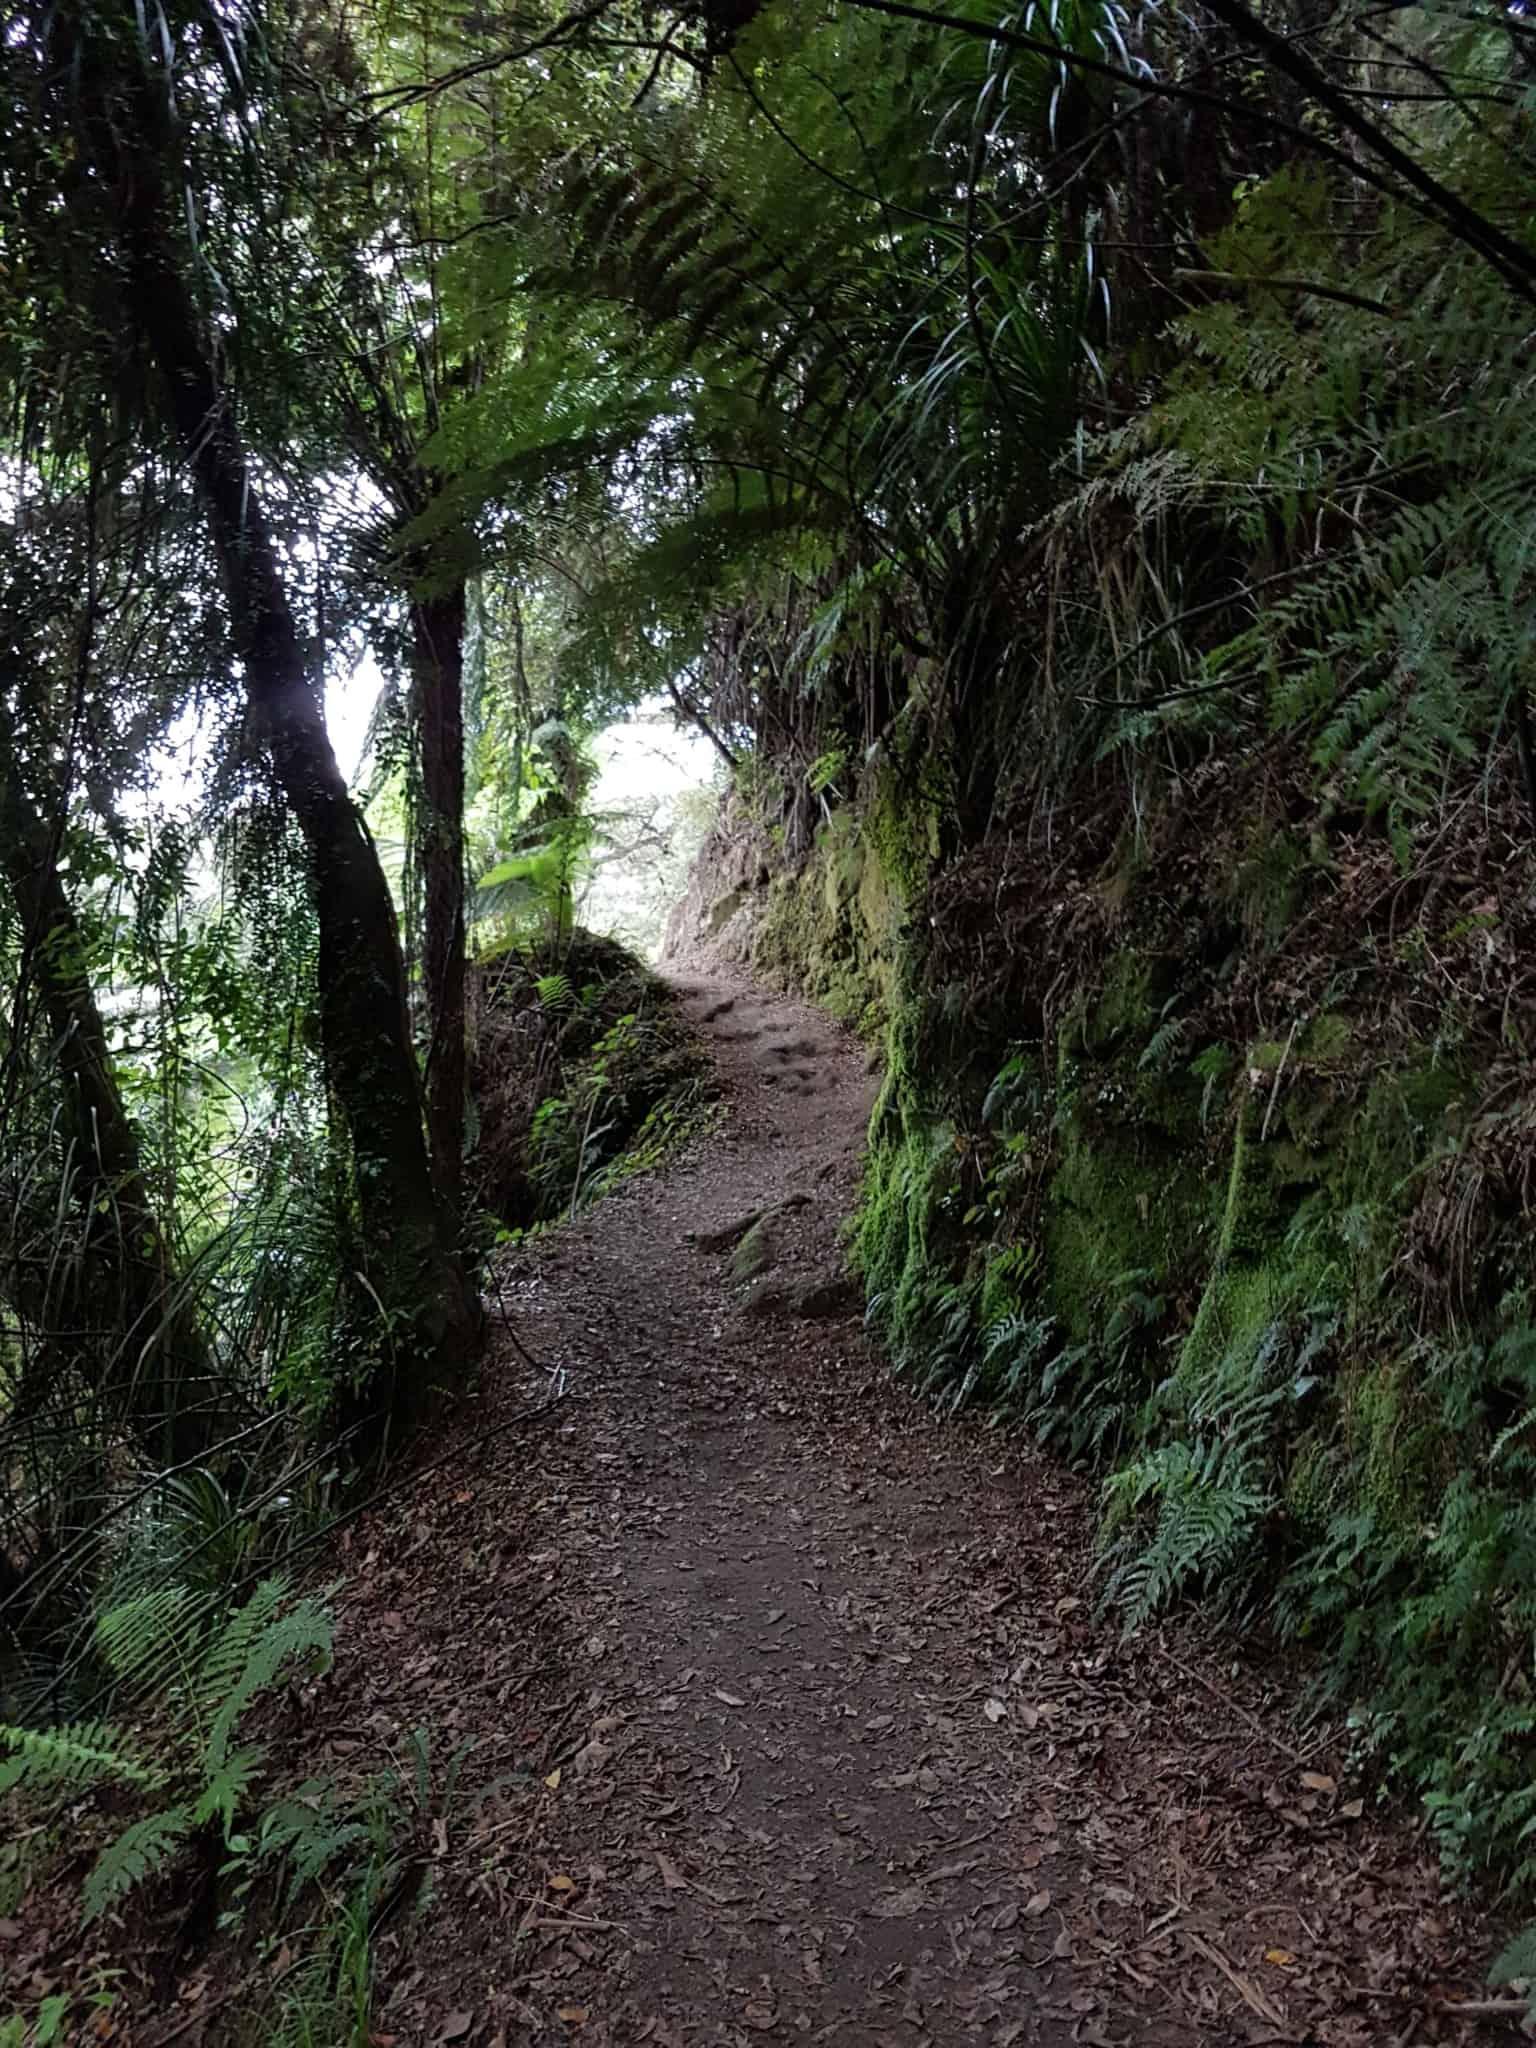 Nouvelle-Zélande, 24 km de randonnée sous la pluie dans le parc d'Abel Tasman 🌧 10